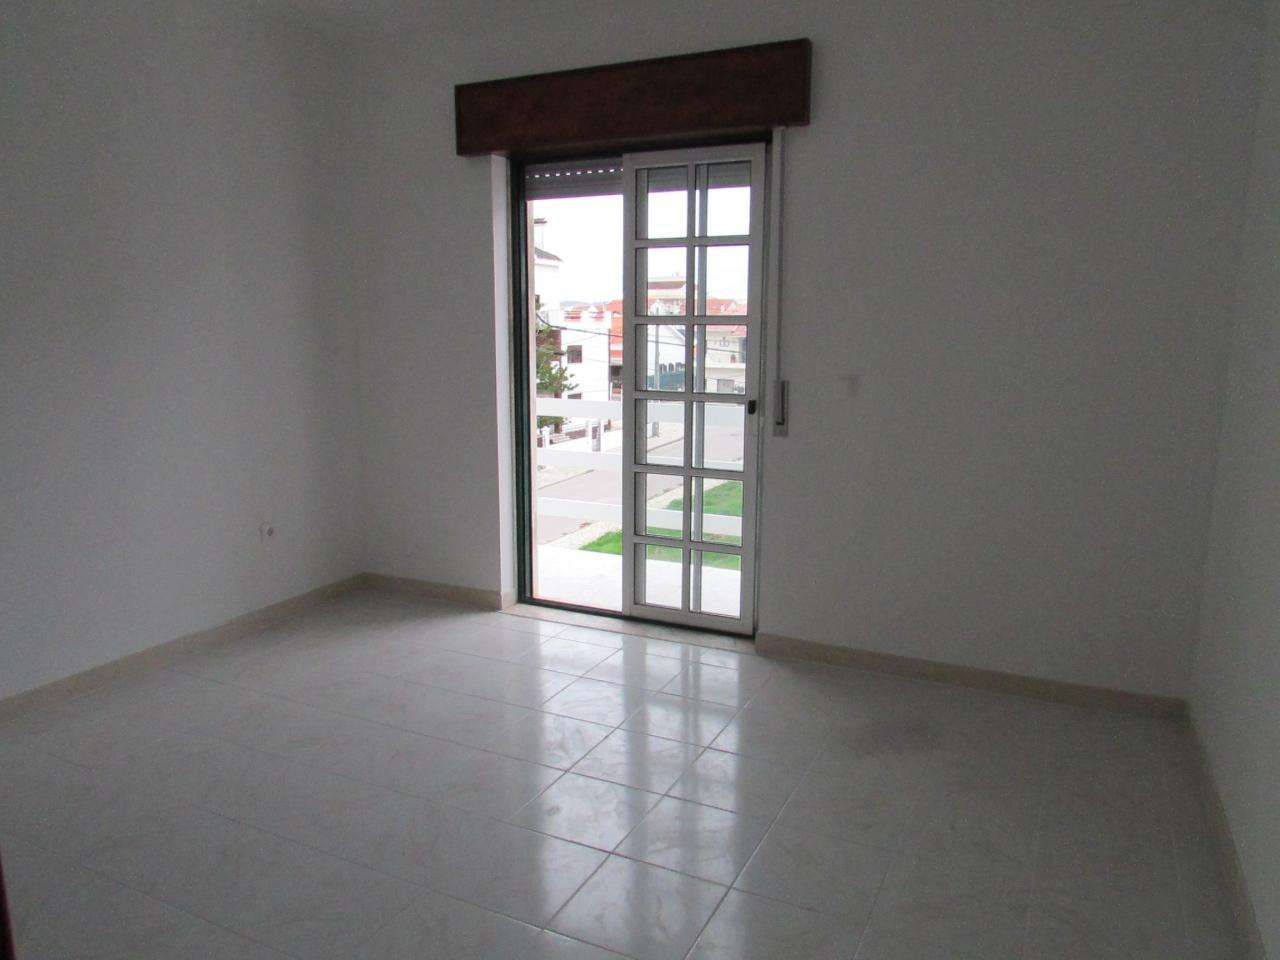 Apartamento para comprar, Quinta do Conde, Sesimbra, Setúbal - Foto 9